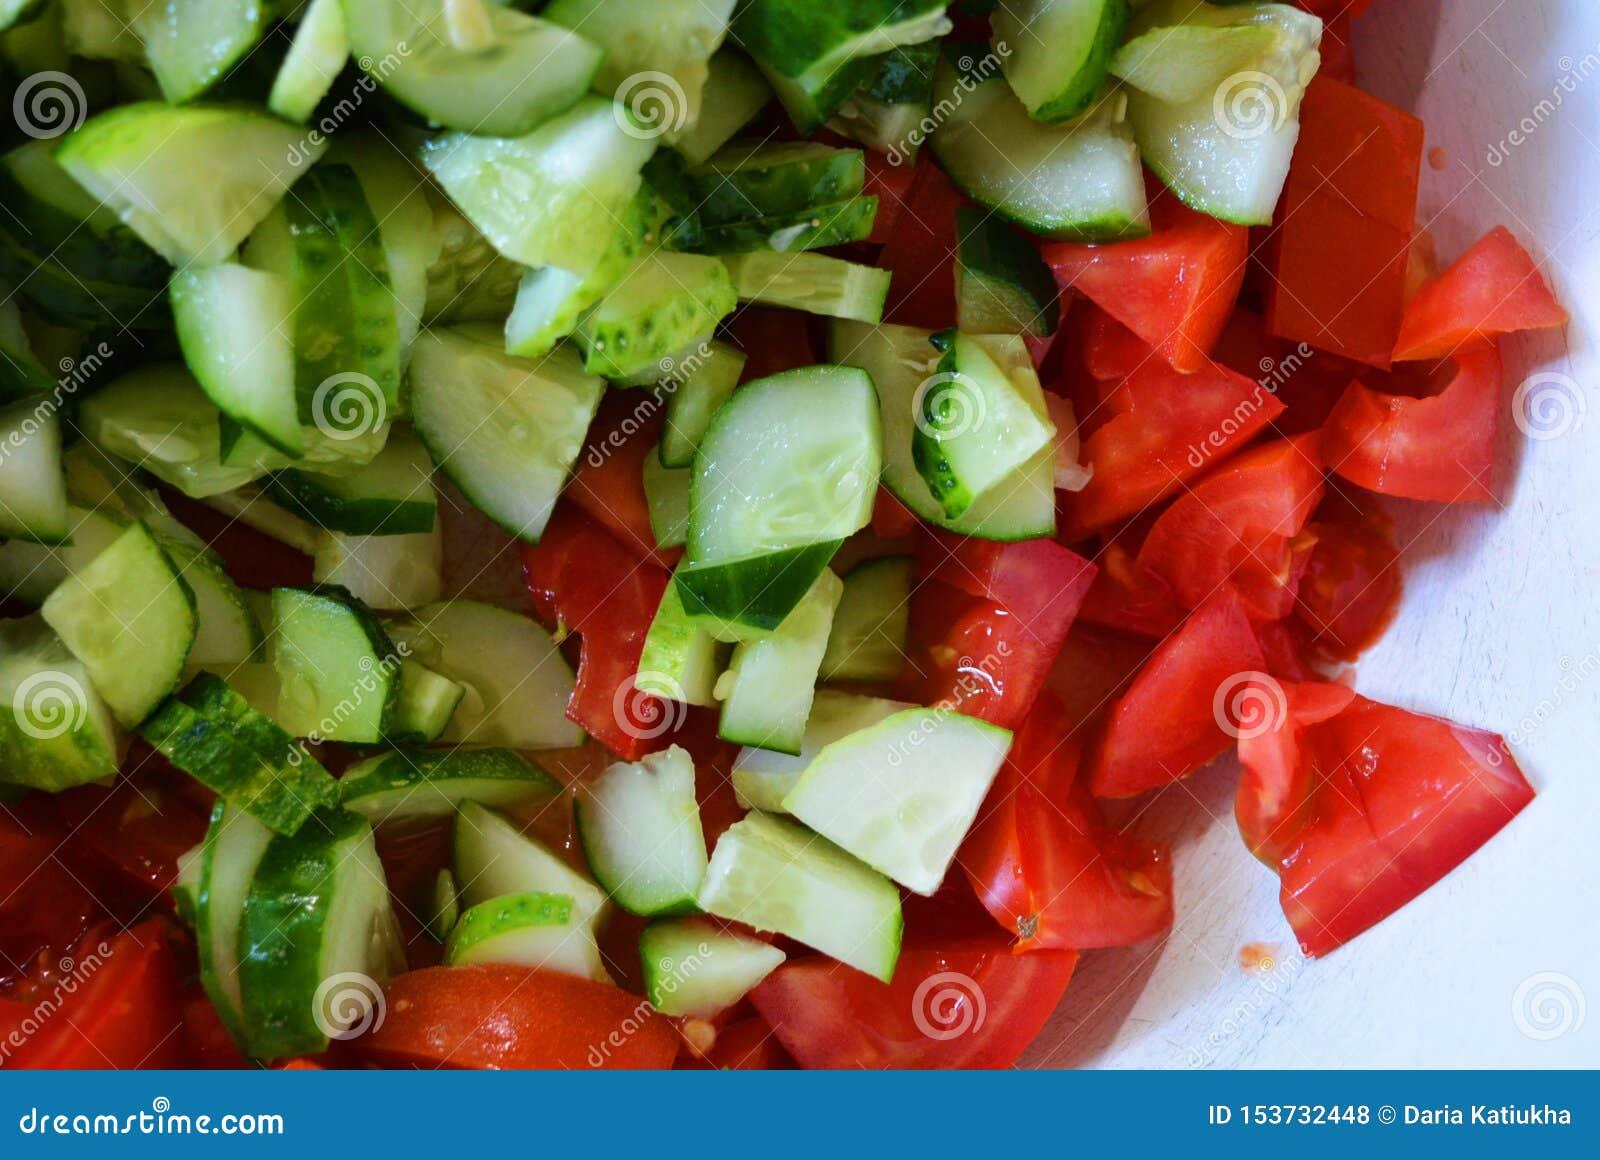 Verse gezonde groenten, kleine plakken van groene komkommers en rode tomaten voor de zomersalade, ingrediënten voor salade